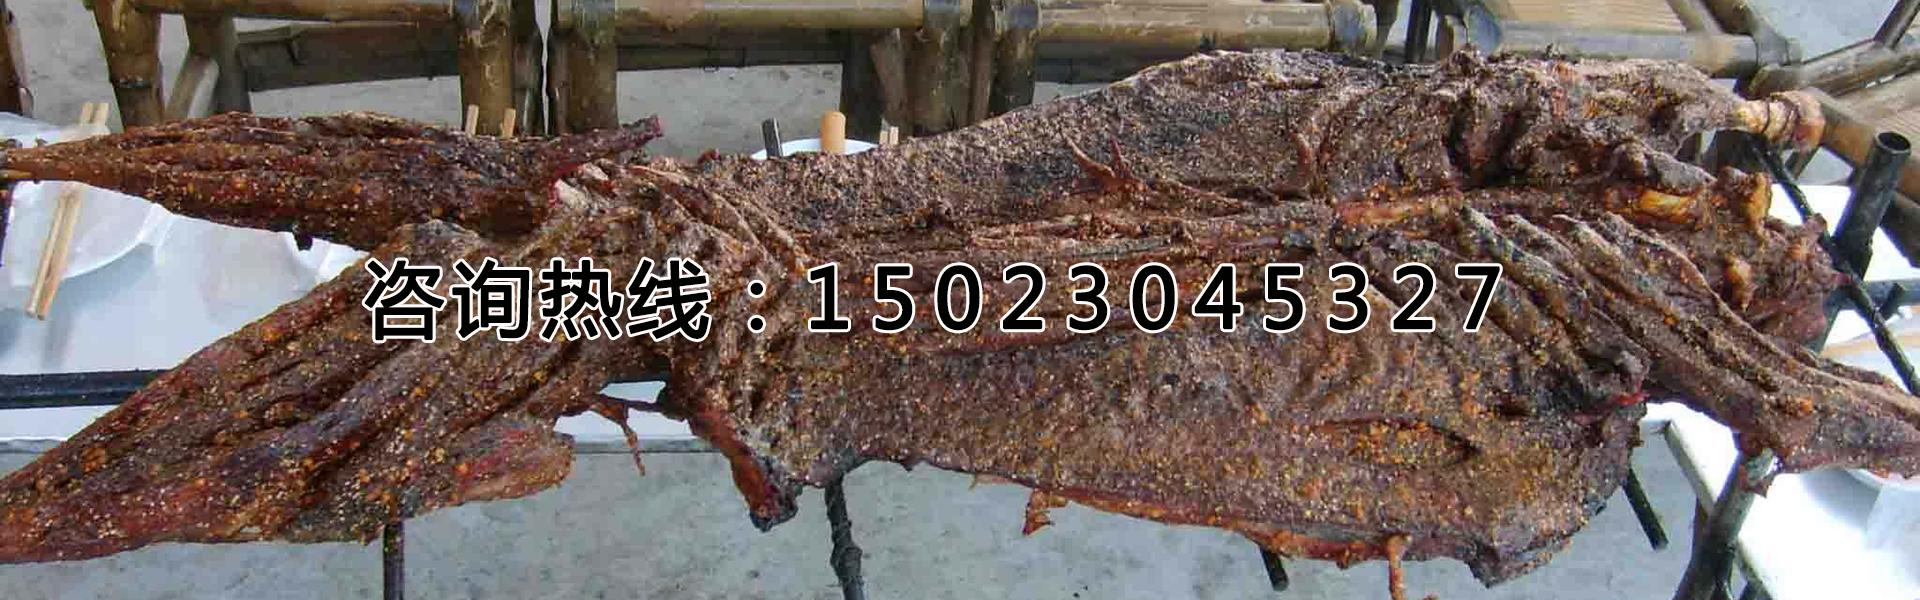 重庆铁山坪农家乐联系方式:15023045327